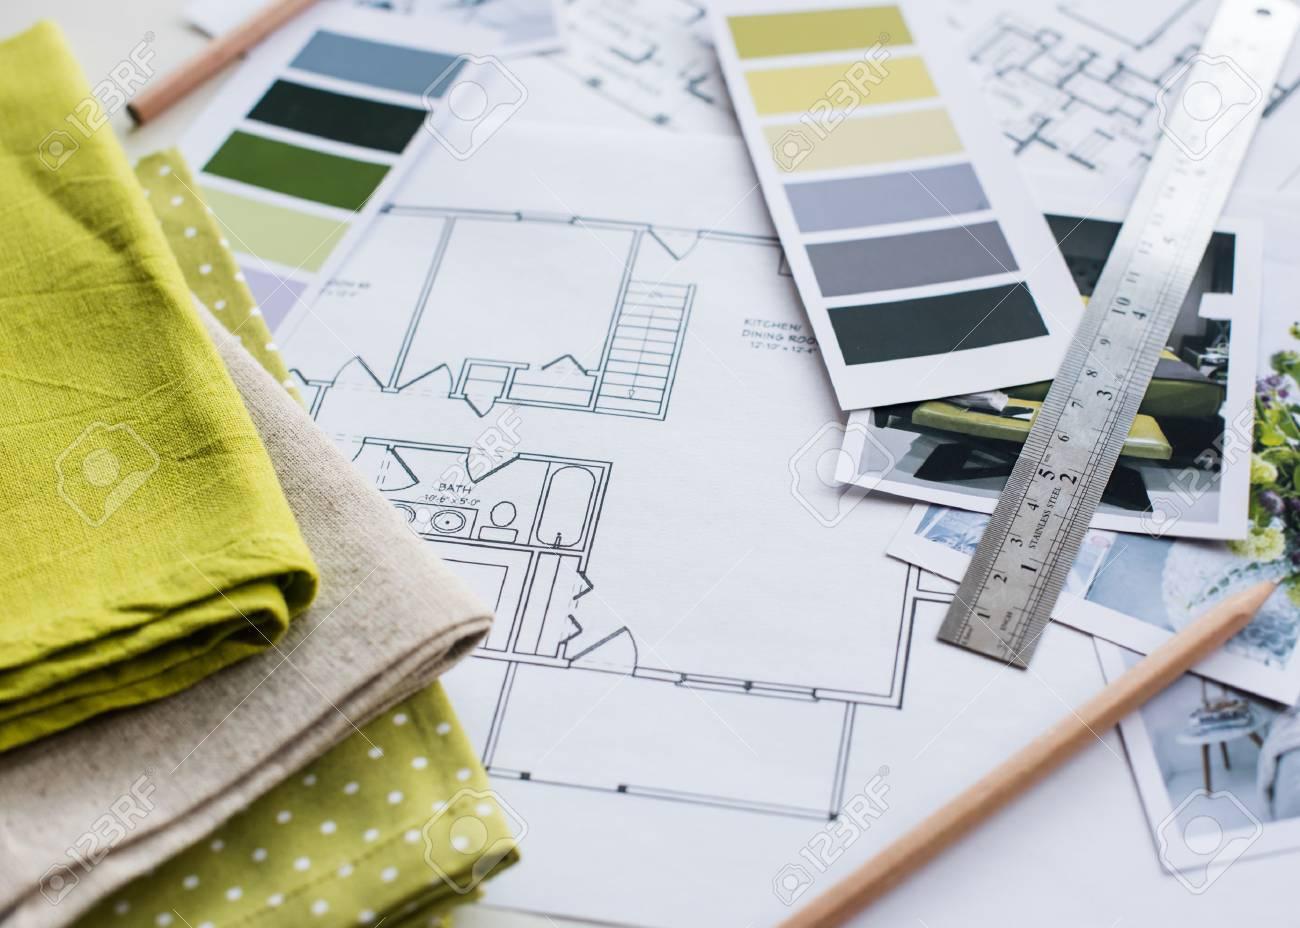 La Table De Designer Dintérieur De Travail Un Plan Architectural